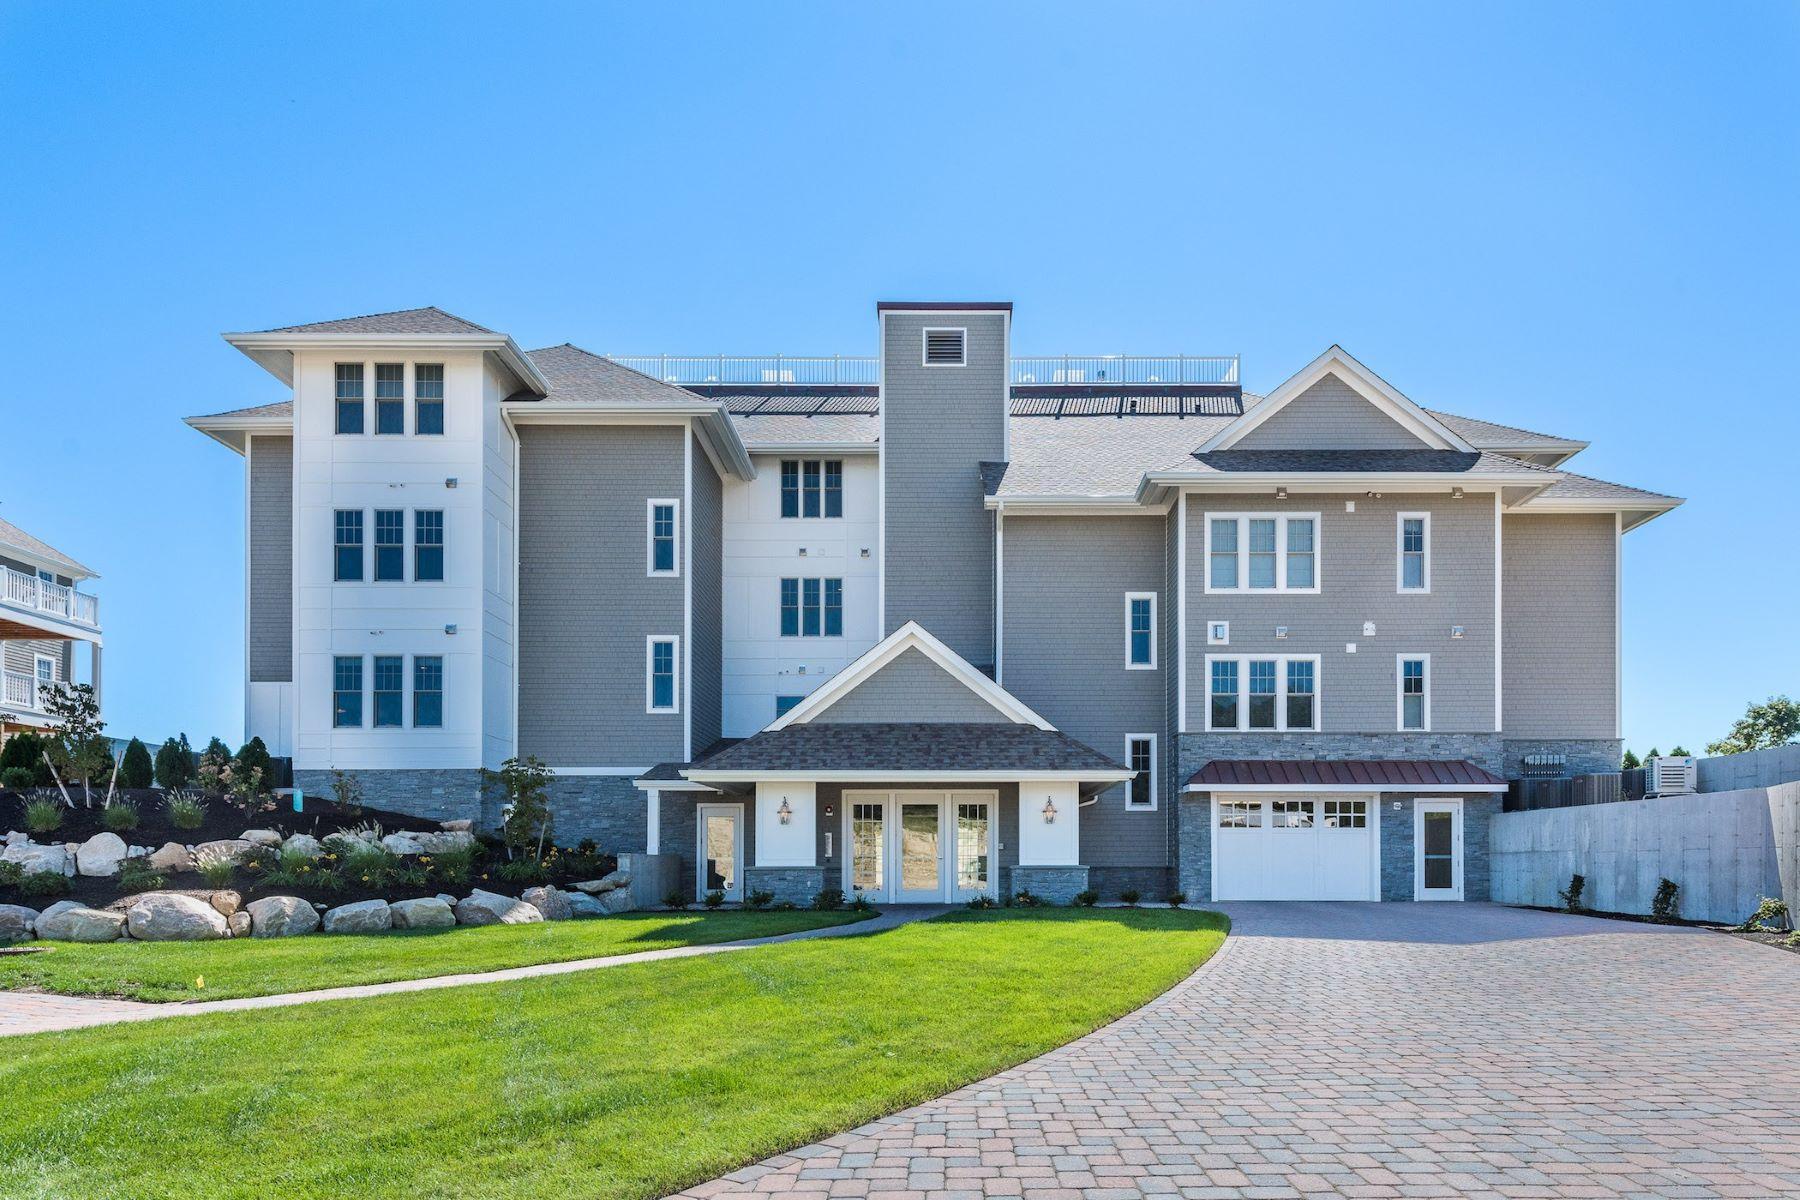 共管式独立产权公寓 为 销售 在 7 Compass Wy D203, #D203, Westerly, RI 7 Compass Wy D203 D203, 韦斯特利, 罗得岛, 02891 美国